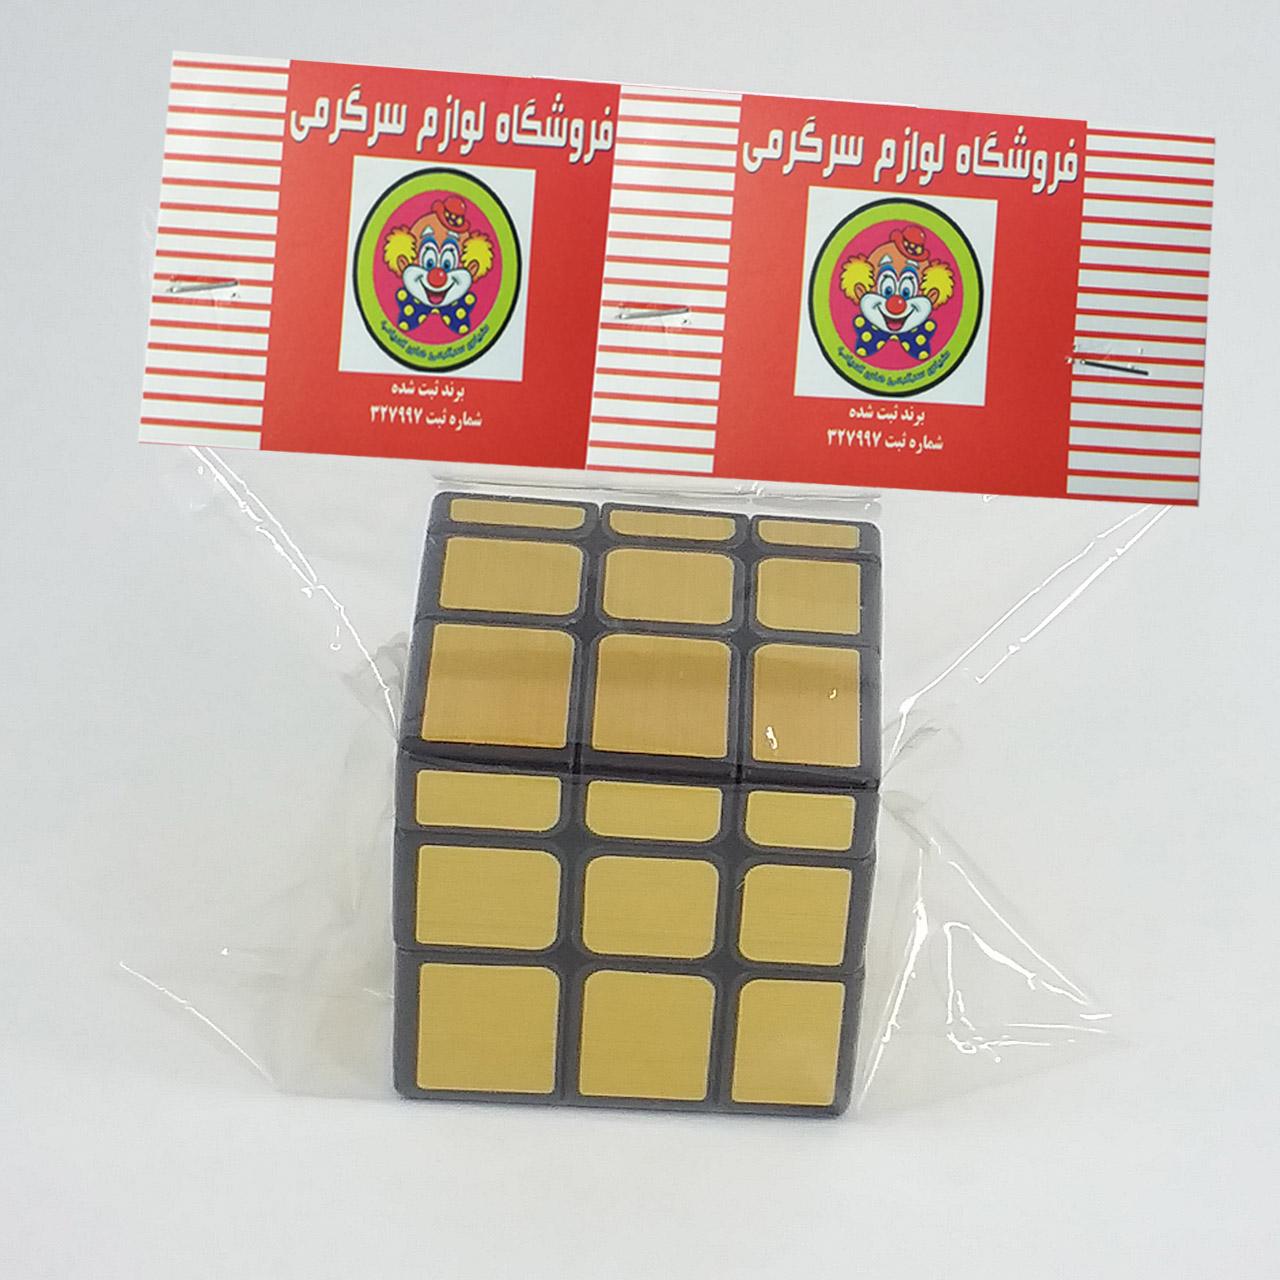 مکعب روبیک دنیای سرگرمی های کمیاب مدل DSK2250